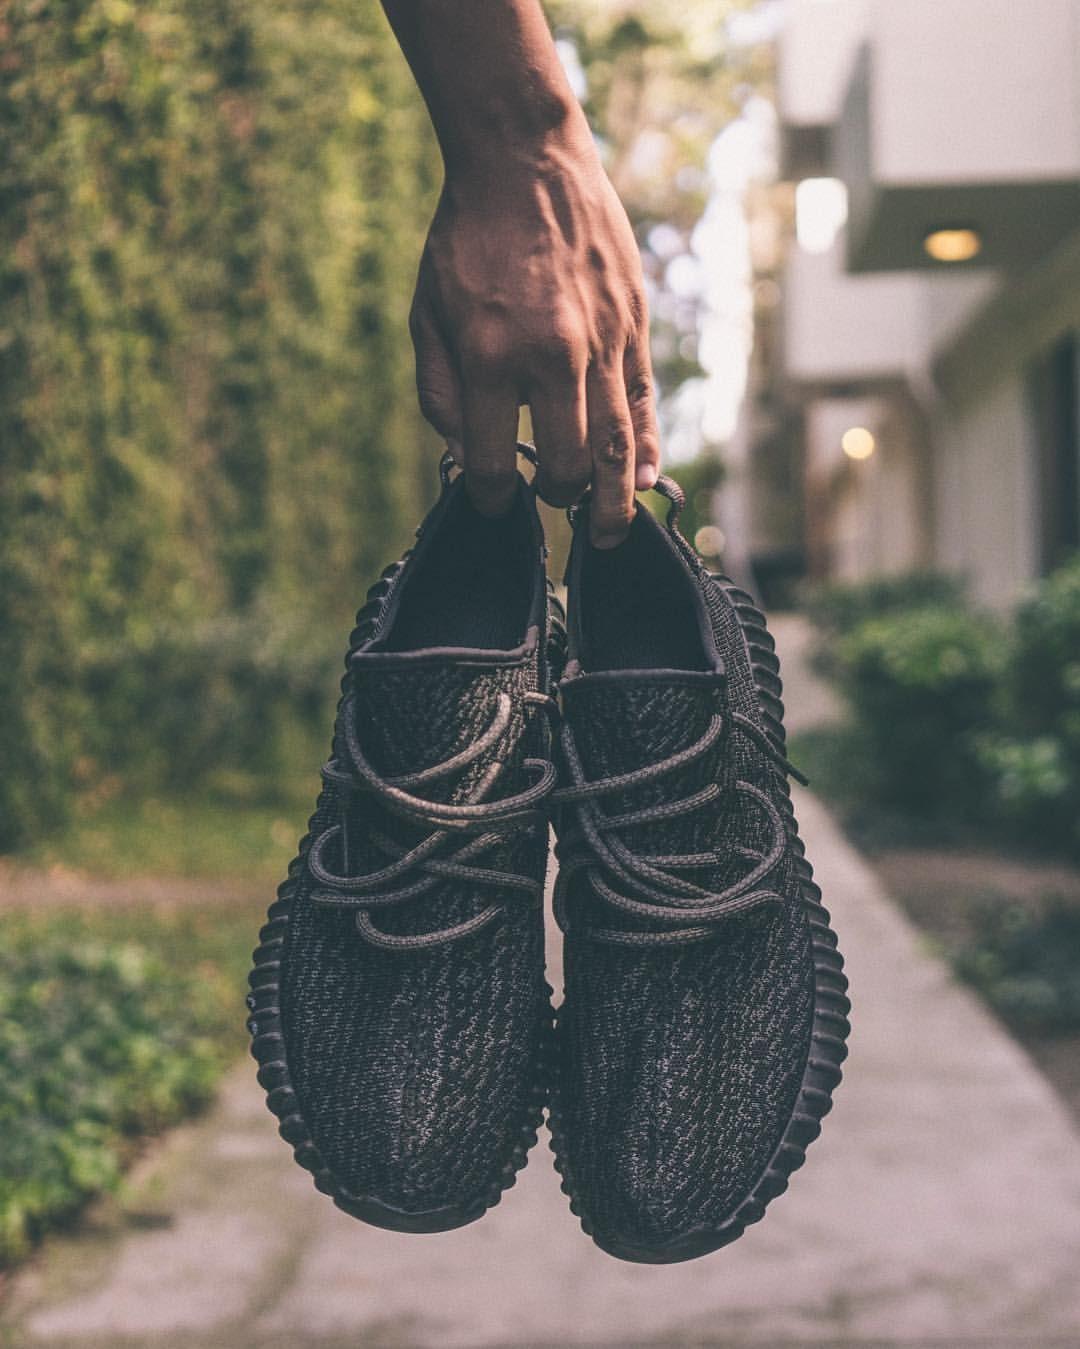 Adidas Yeezy 350 Boost negro pirata lanzamiento el 19 de